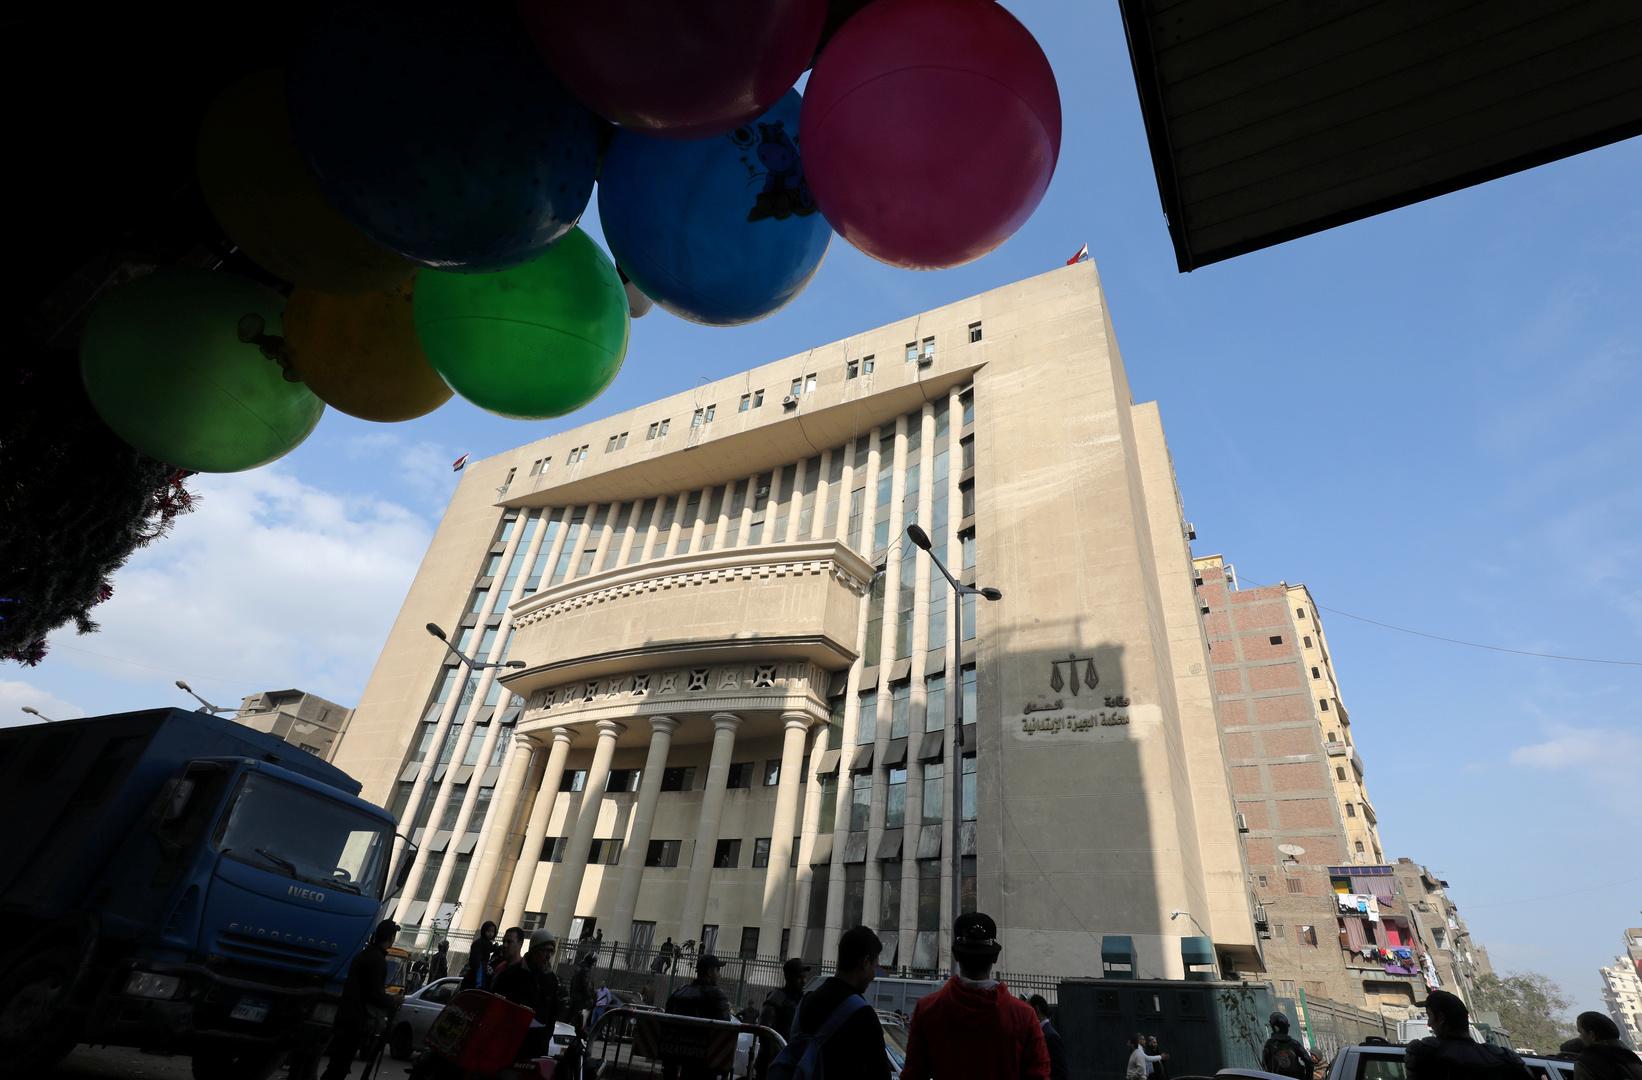 الإعدام شنقا للمتهم بقتل سيدة حرقا في الإسكندرية